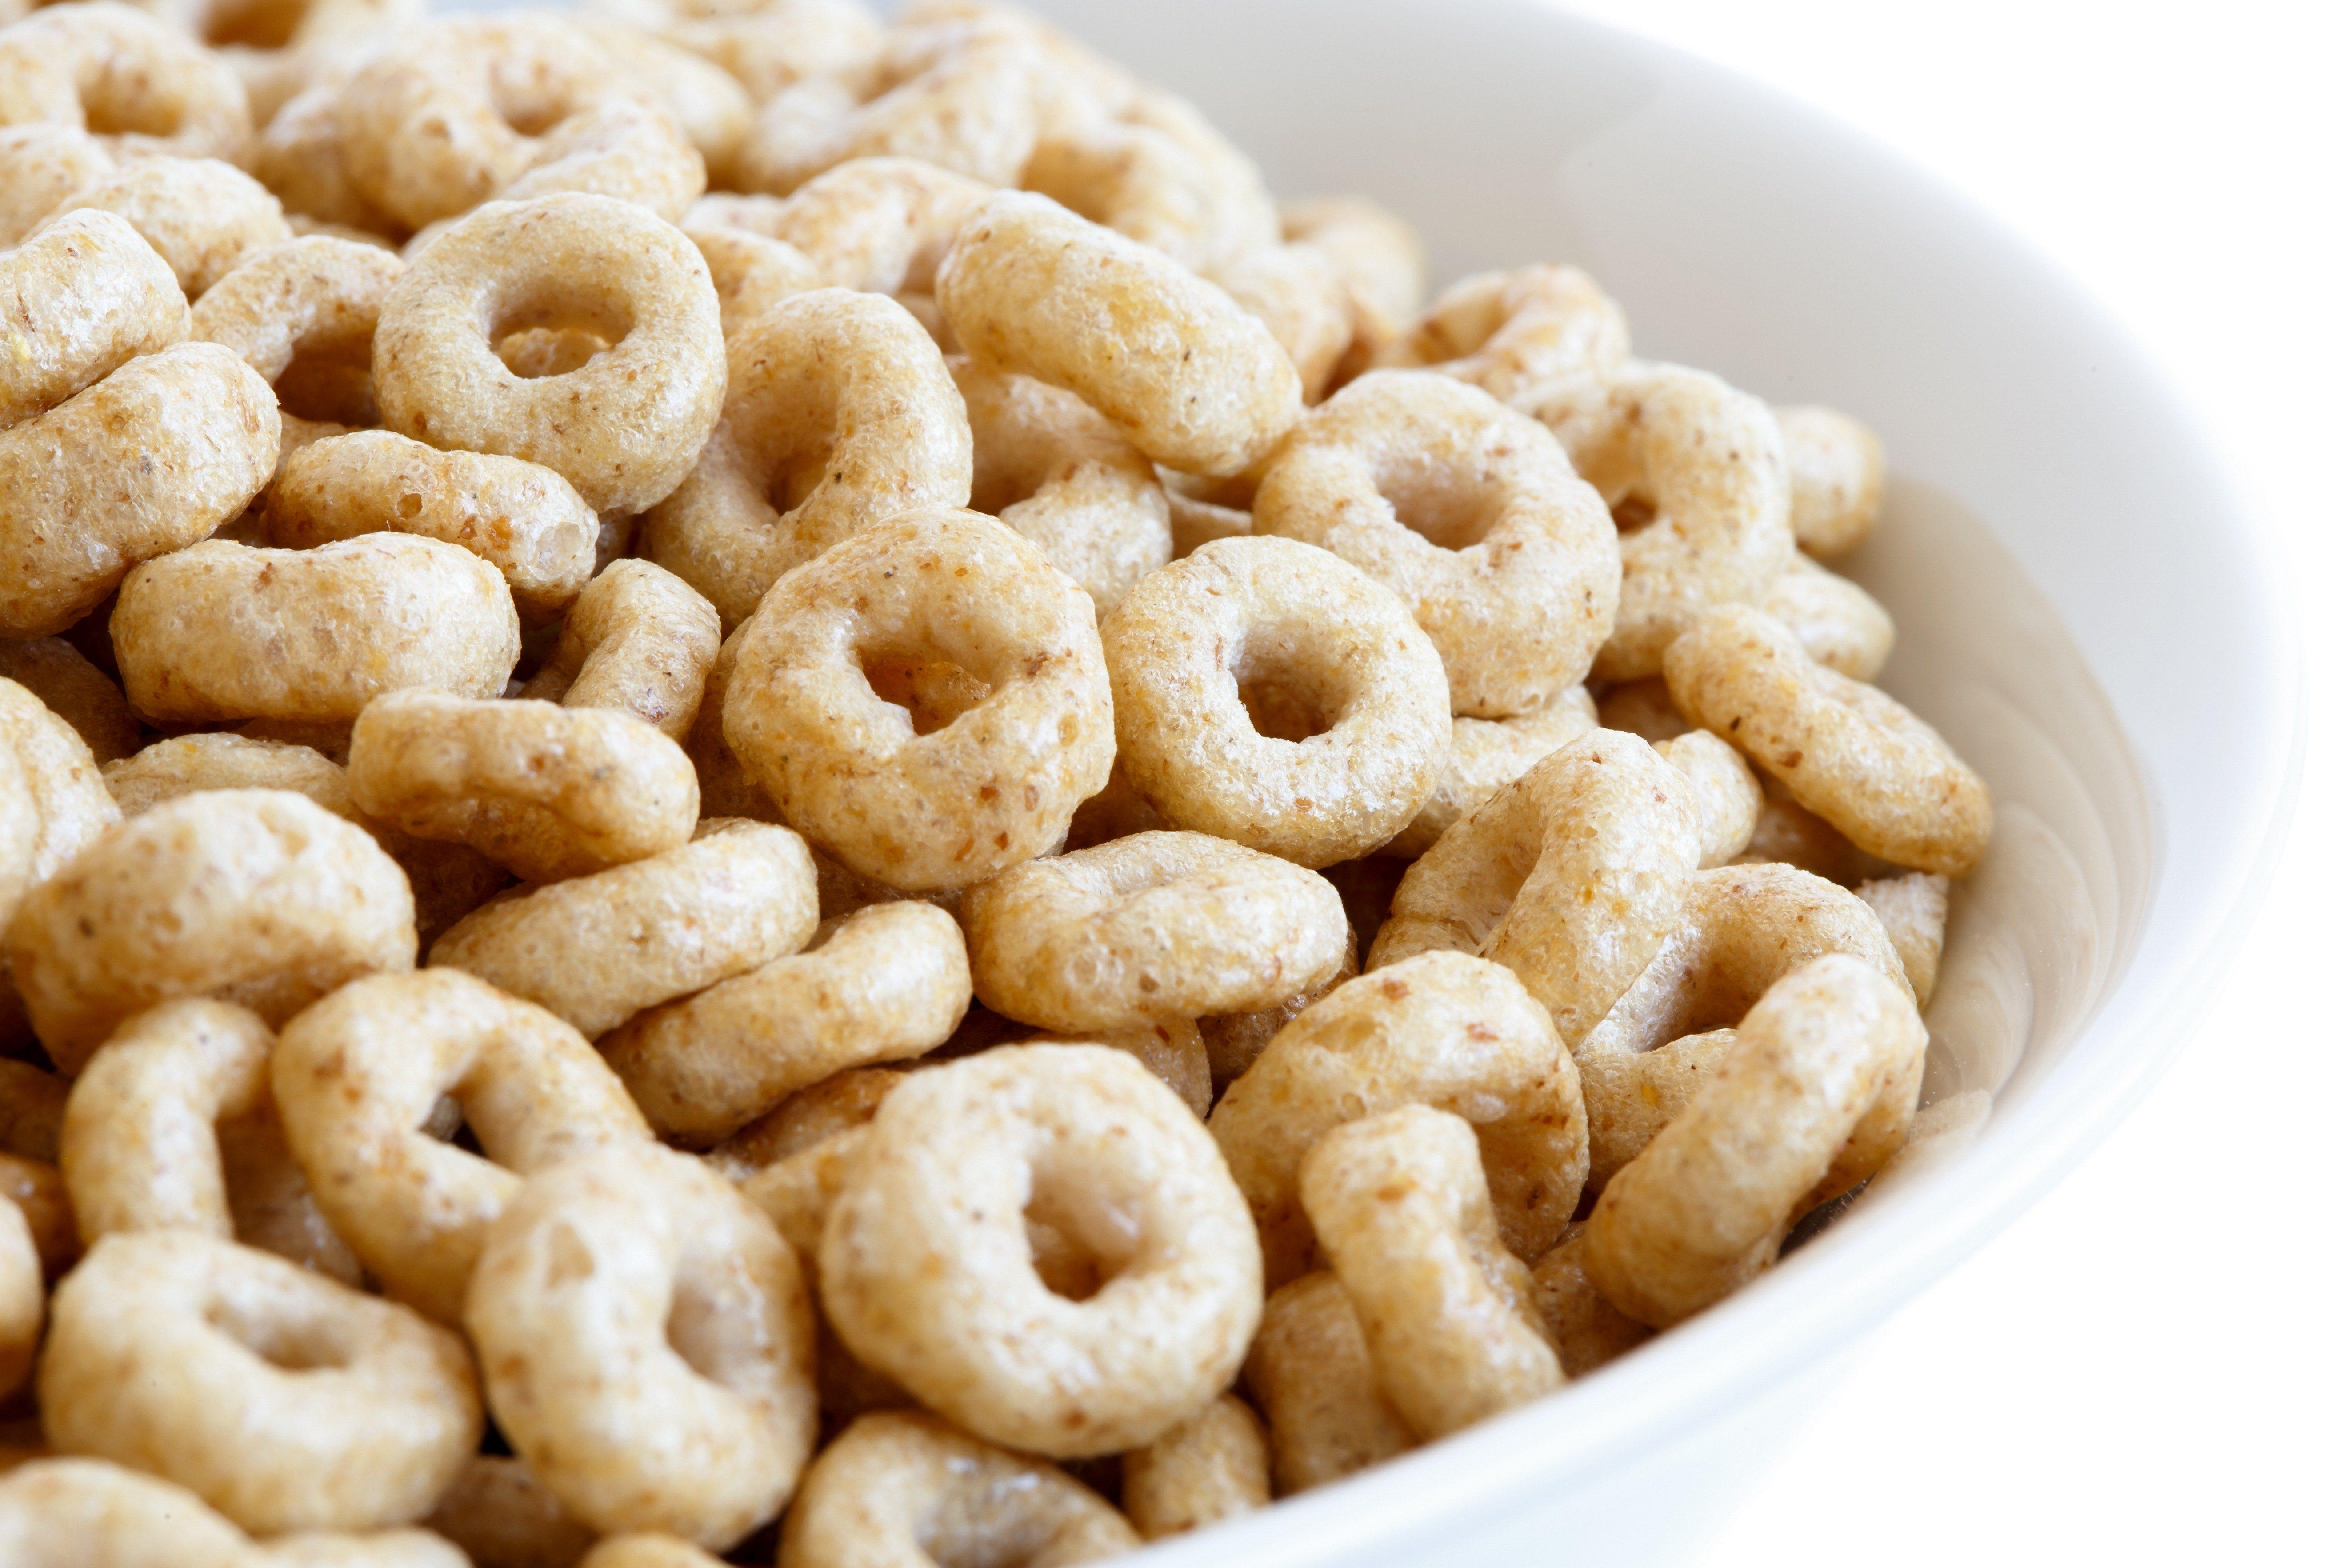 Detail of bowl of honey cheerios on white.